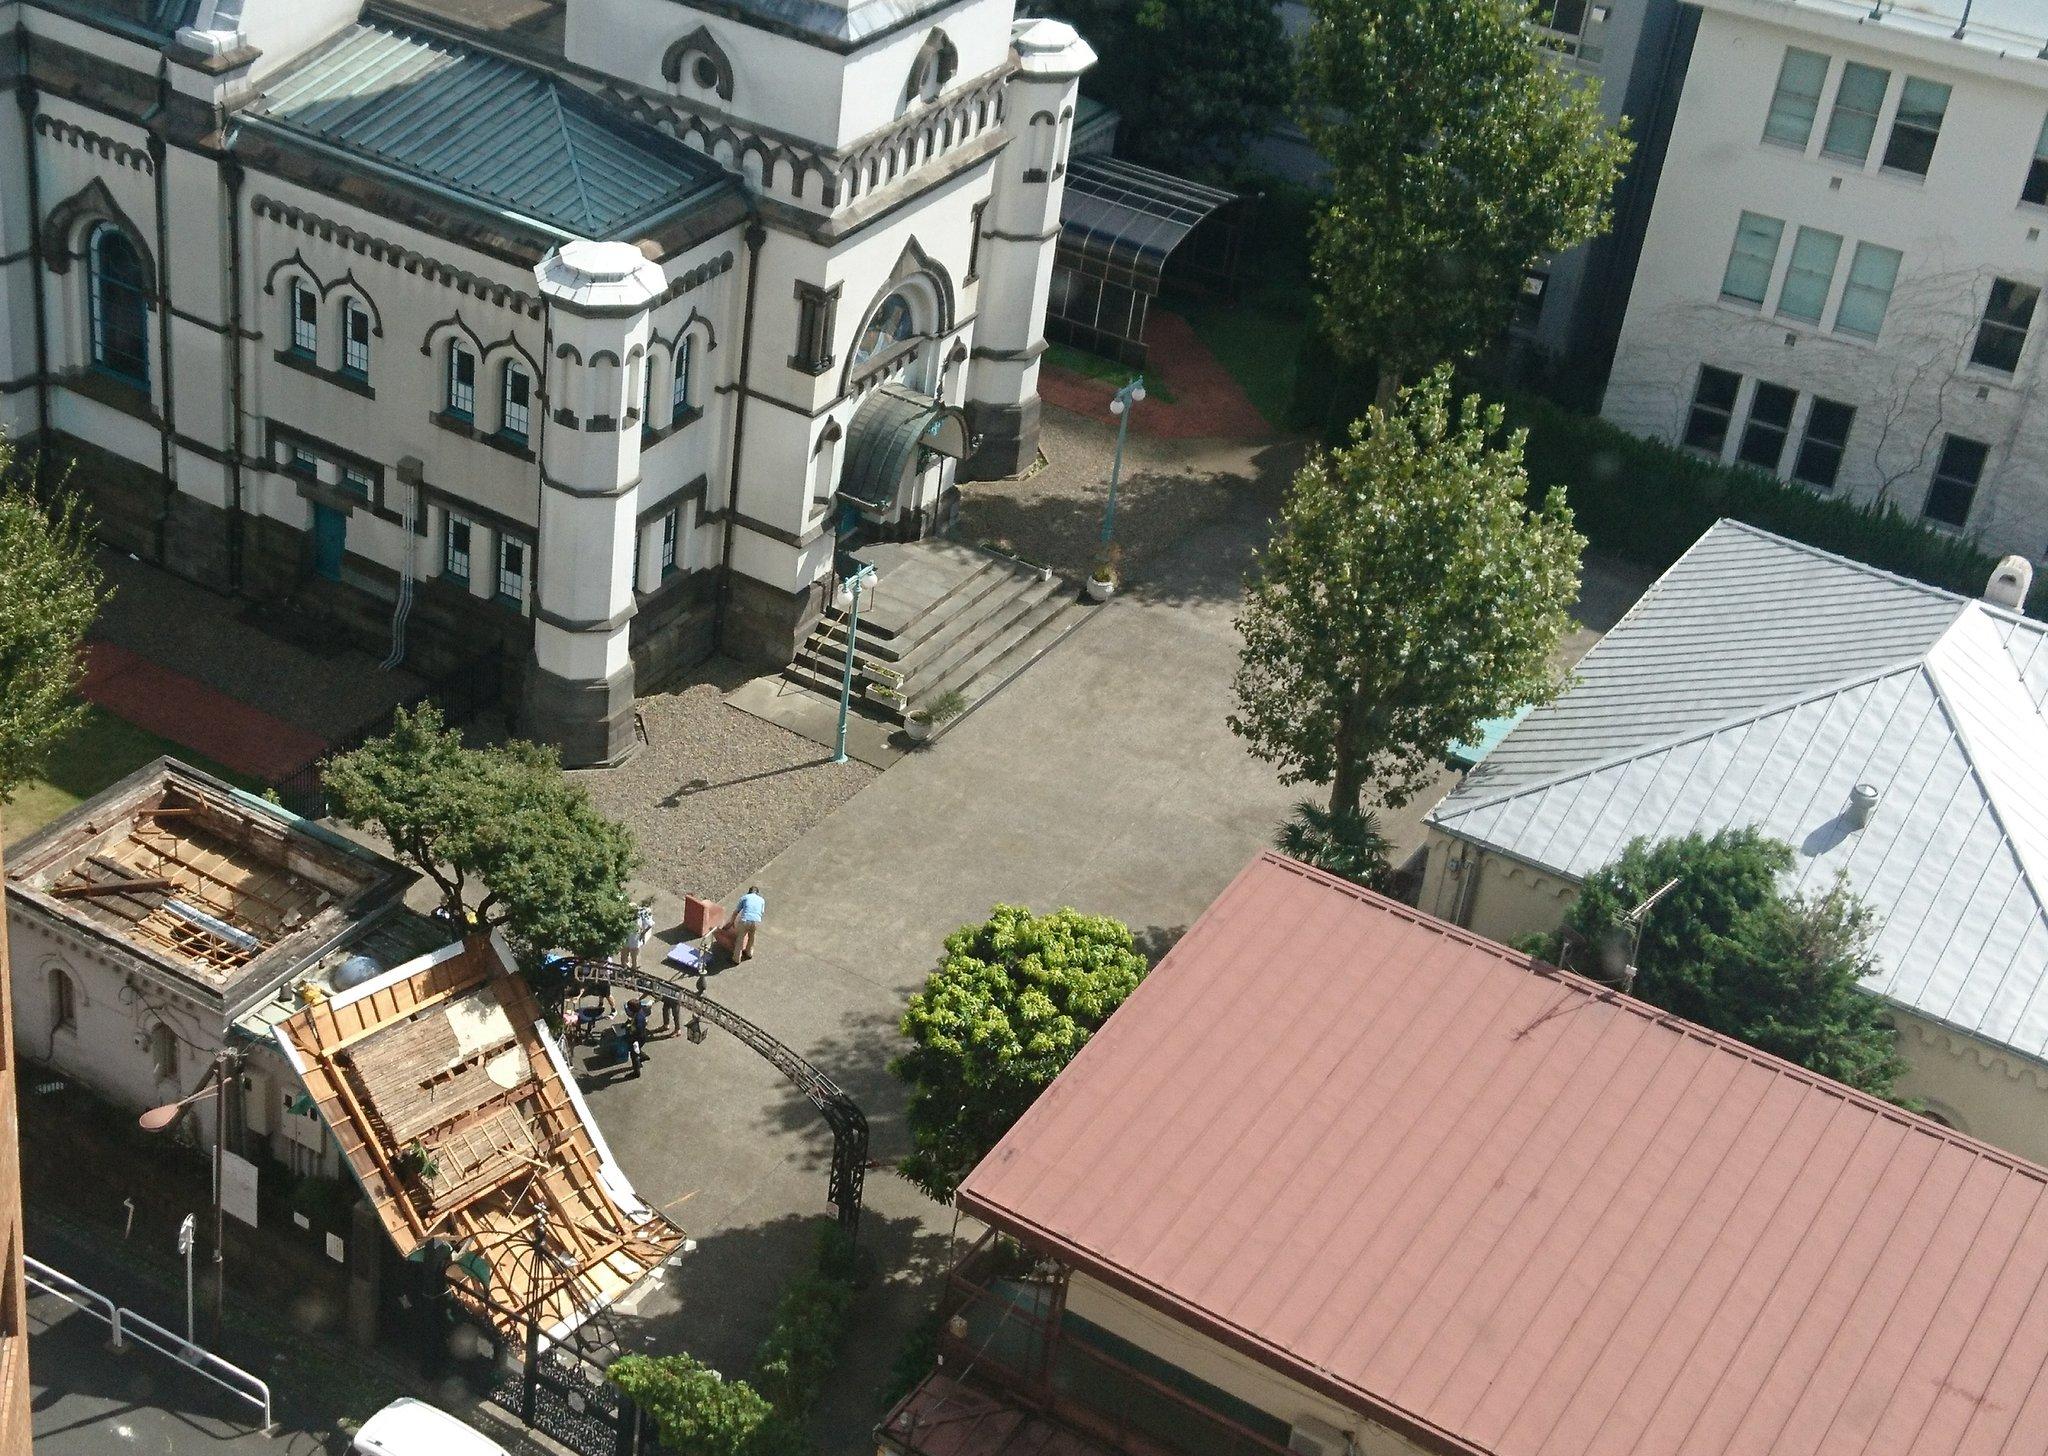 画像,ニコライ堂の社務所?みたいなところの屋根が大変なことに… https://t.co/evXeZWYmOv。